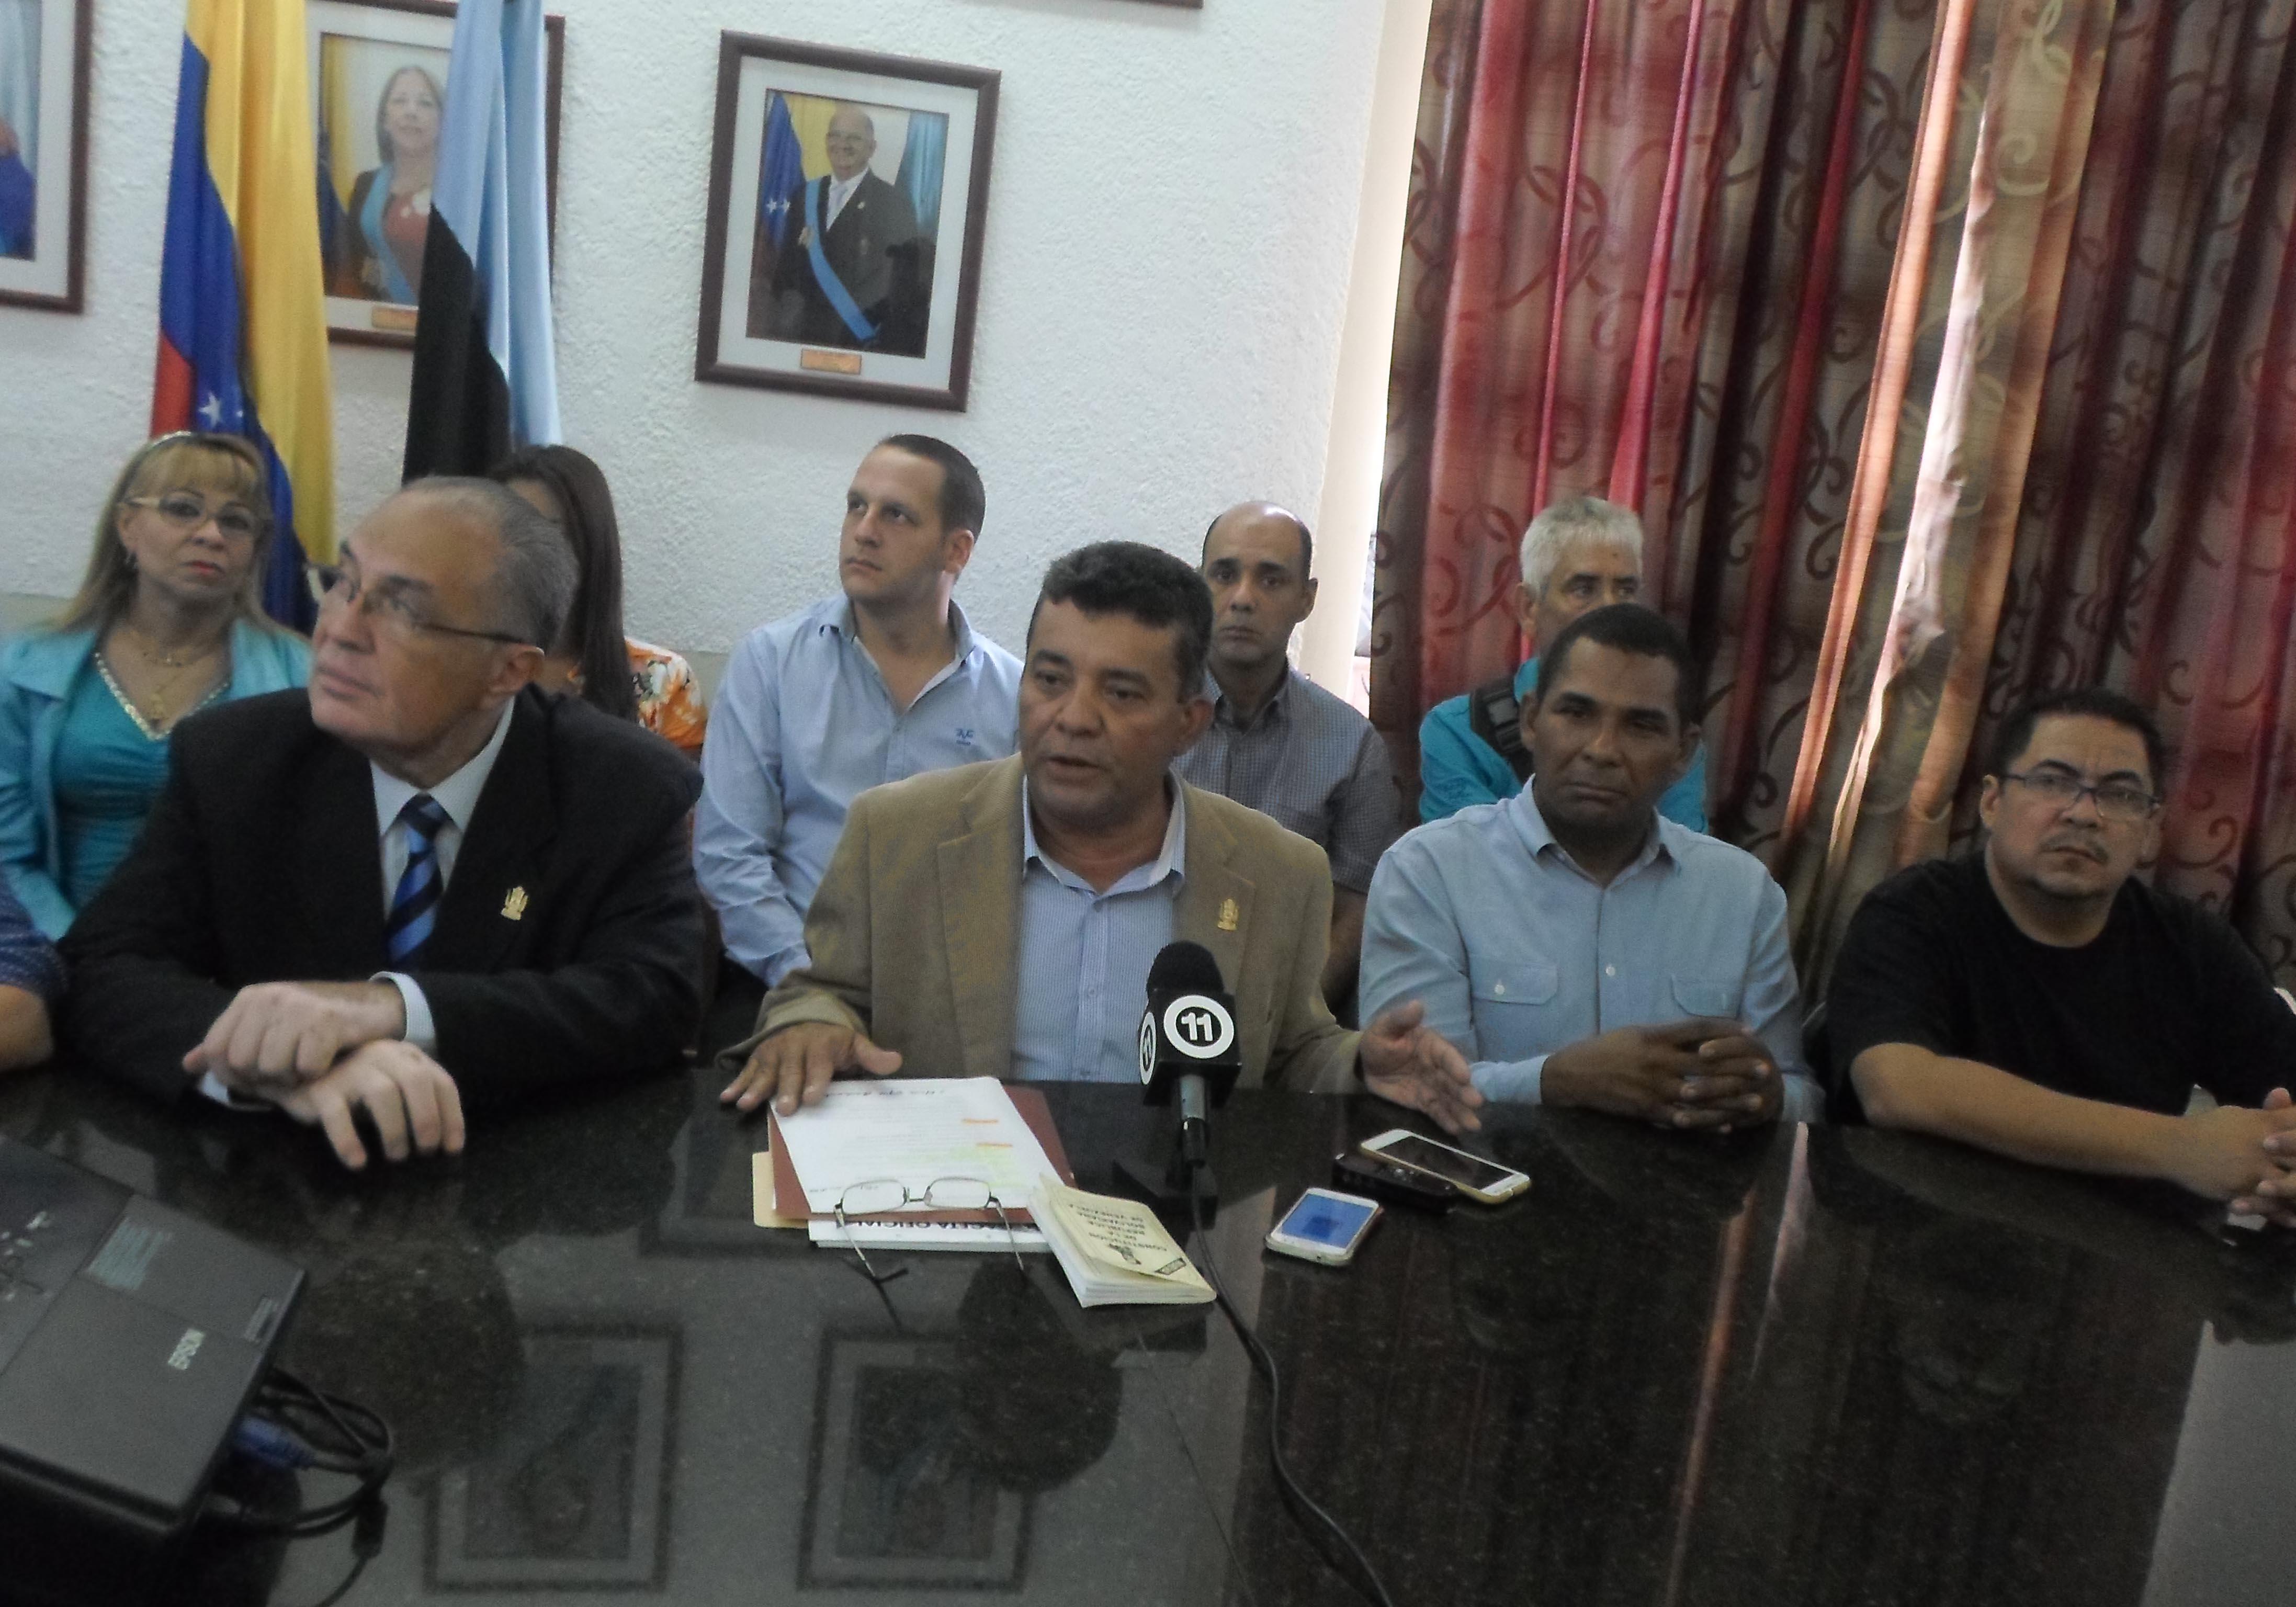 Foto: Prensa Gerardo Antúnez